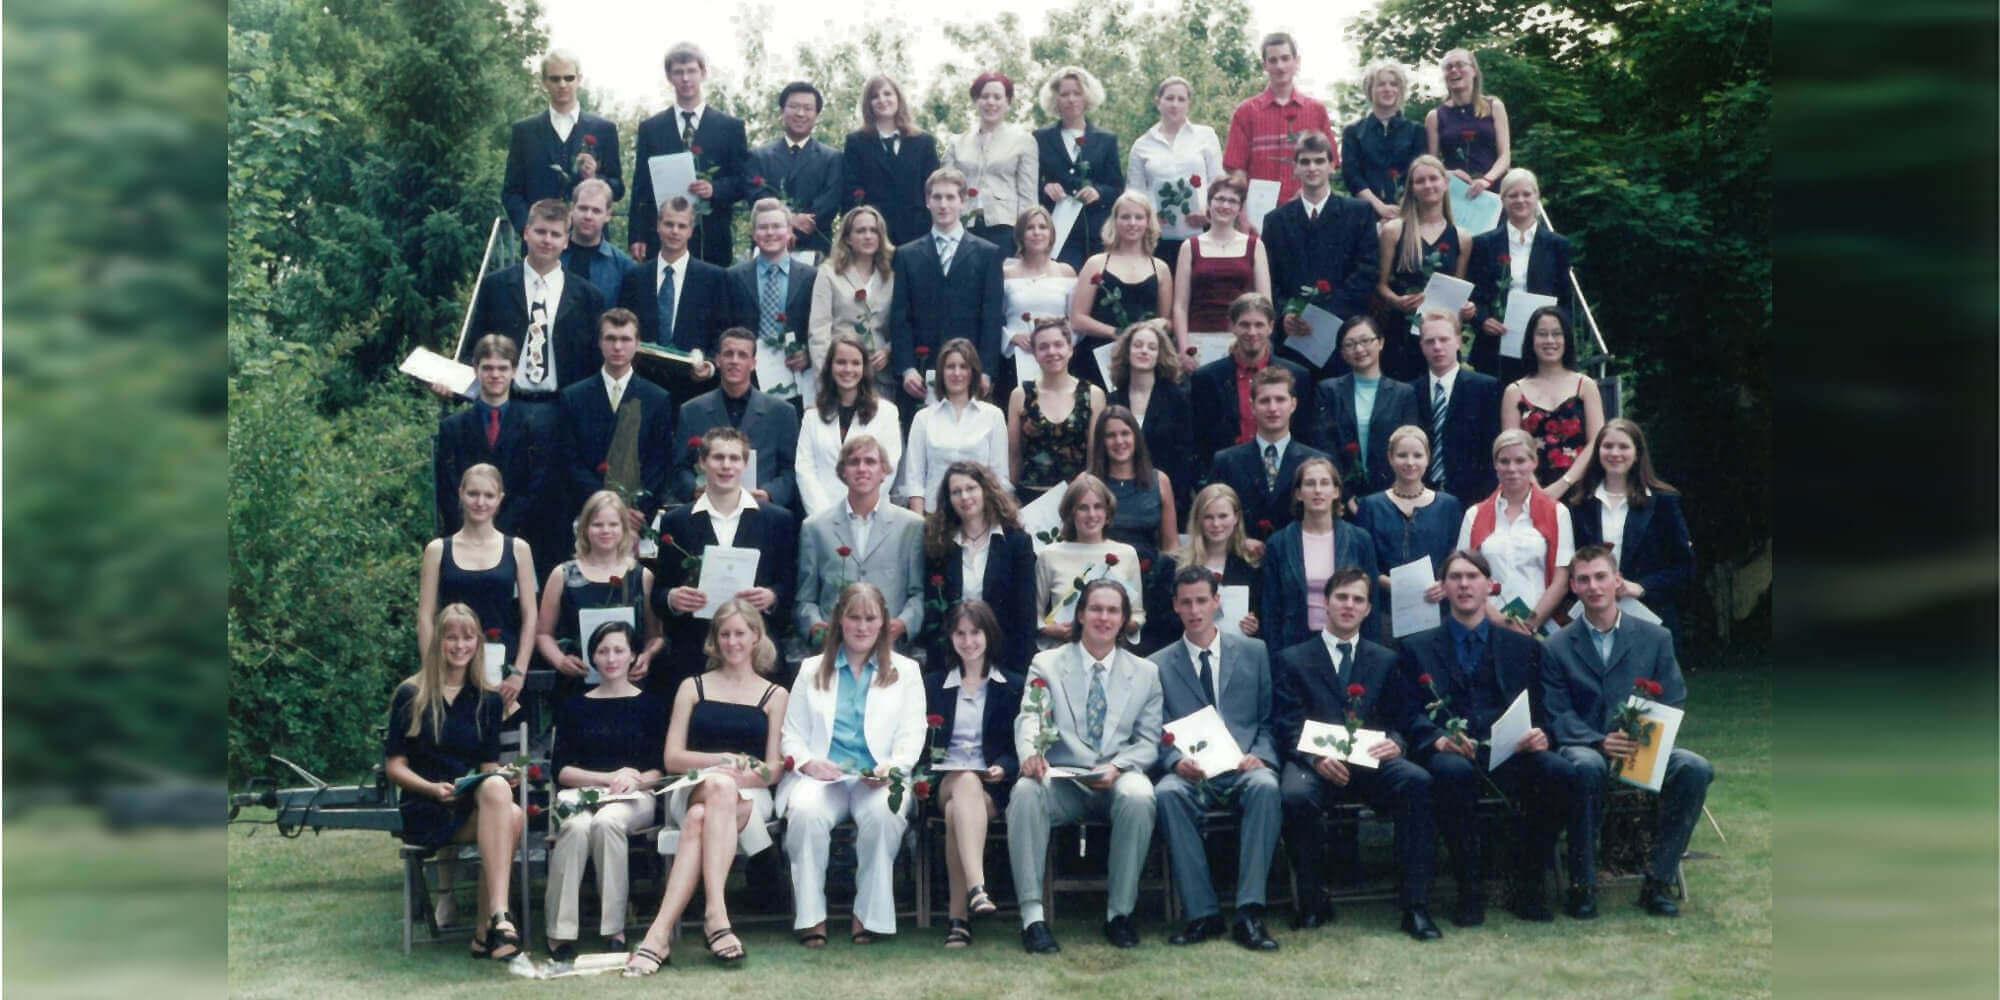 Abitur 2003 Jahrgangsbild - Banner